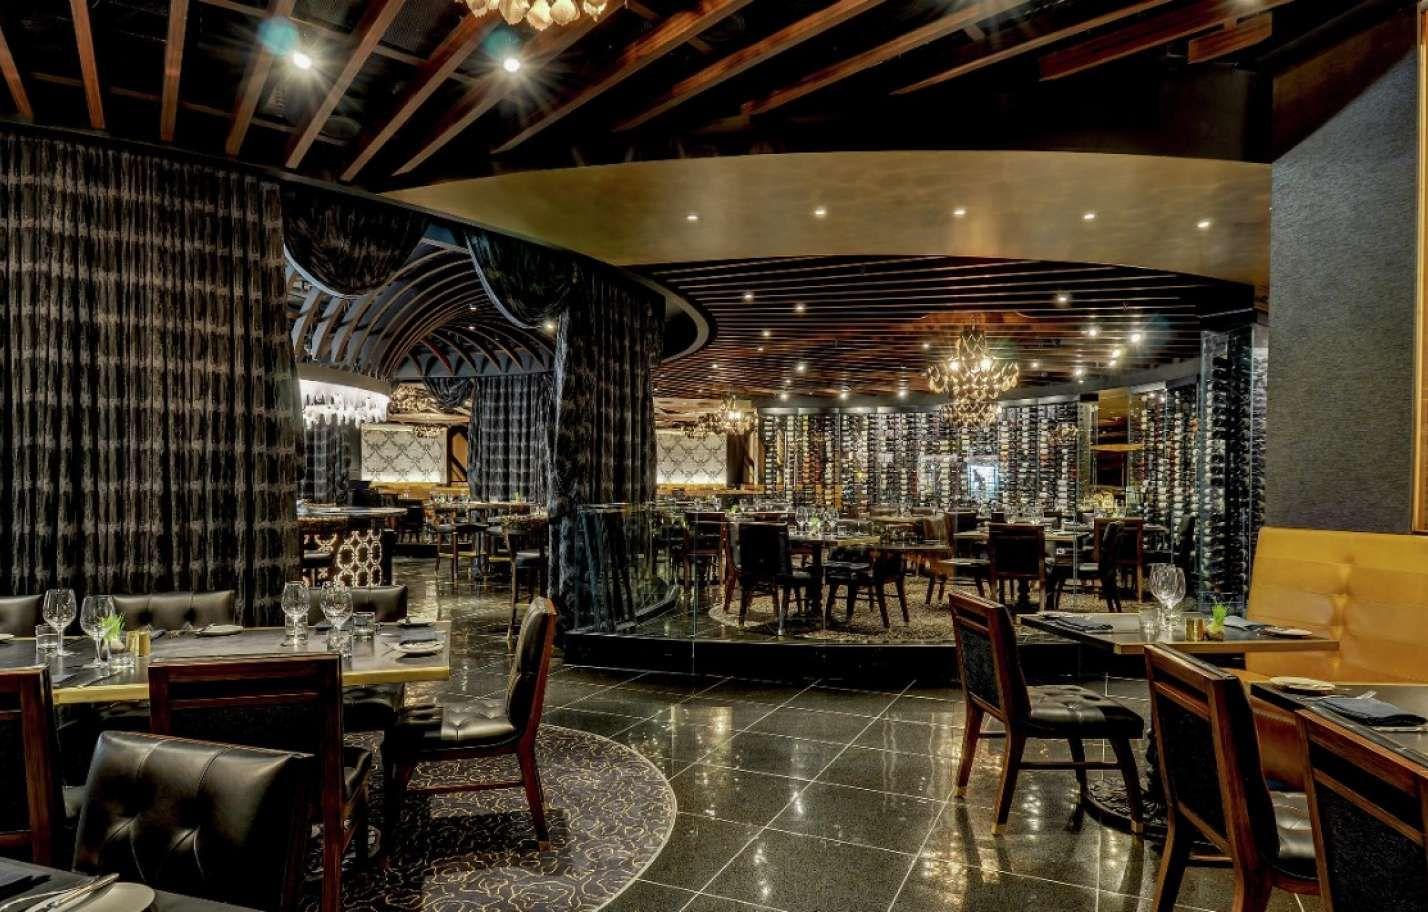 Steak Restaurant Jean Georges Steakhouse Aria Resort Casino